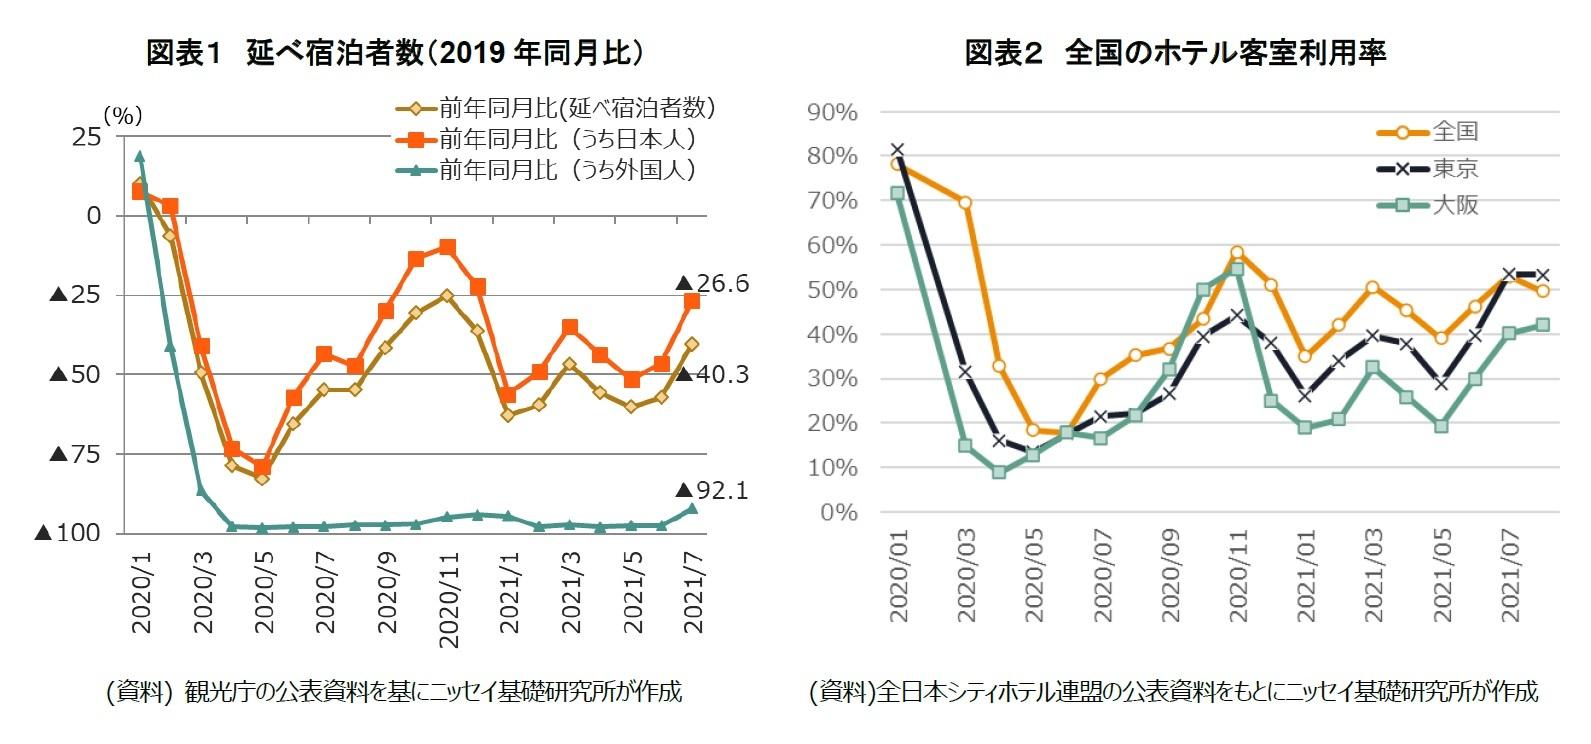 図表1 延べ宿泊者数(2019年同月比)/図表2 全国のホテル客室利用率